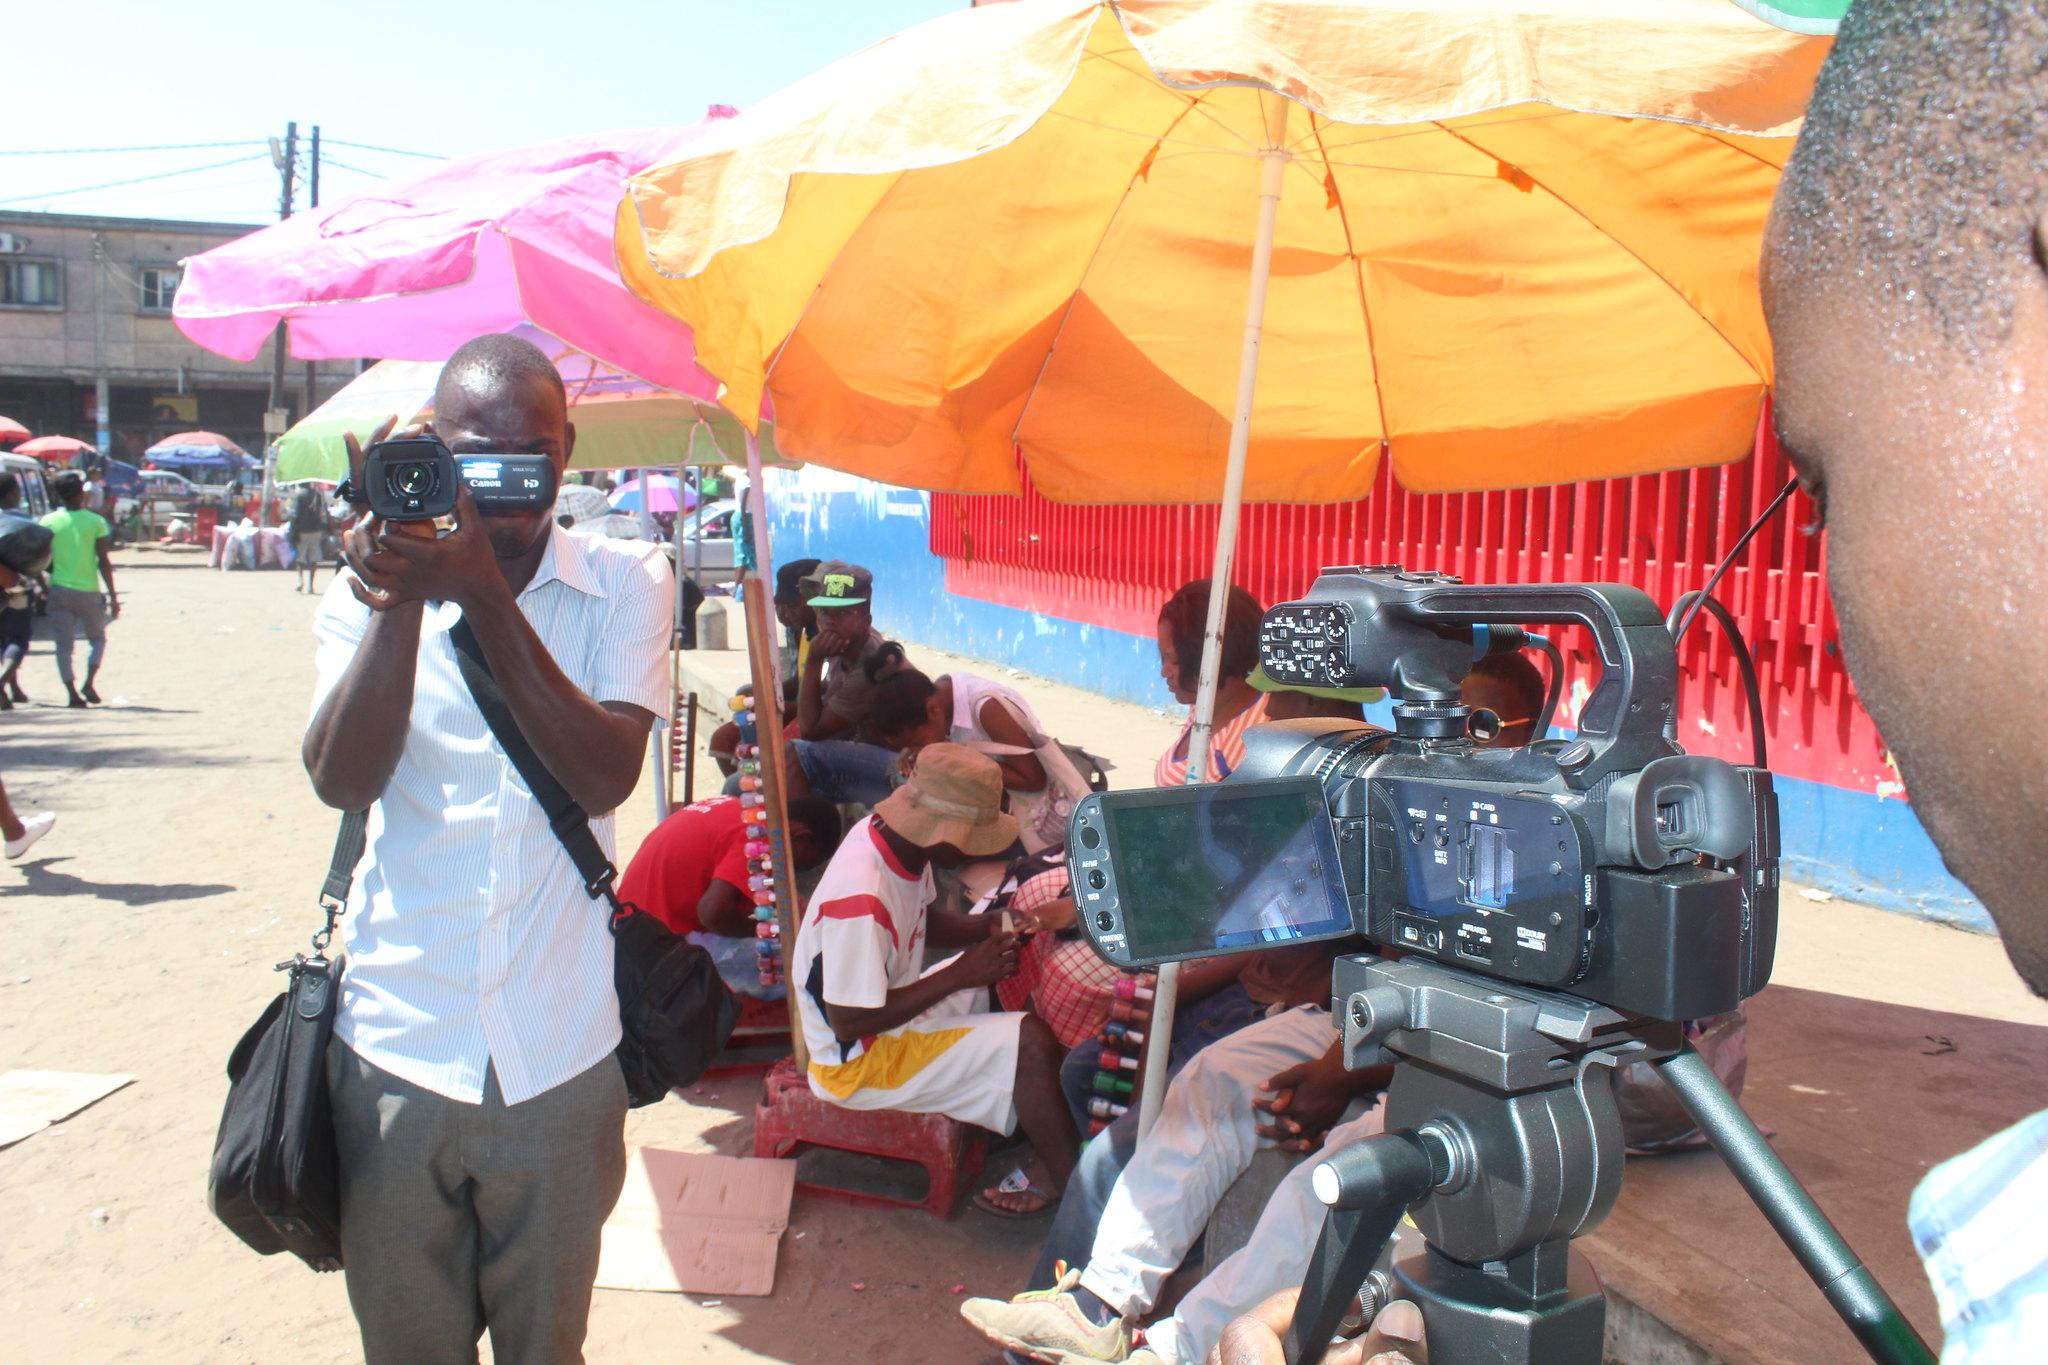 Des apprentis journalistes s'exercent avec des caméras au Mozambique.